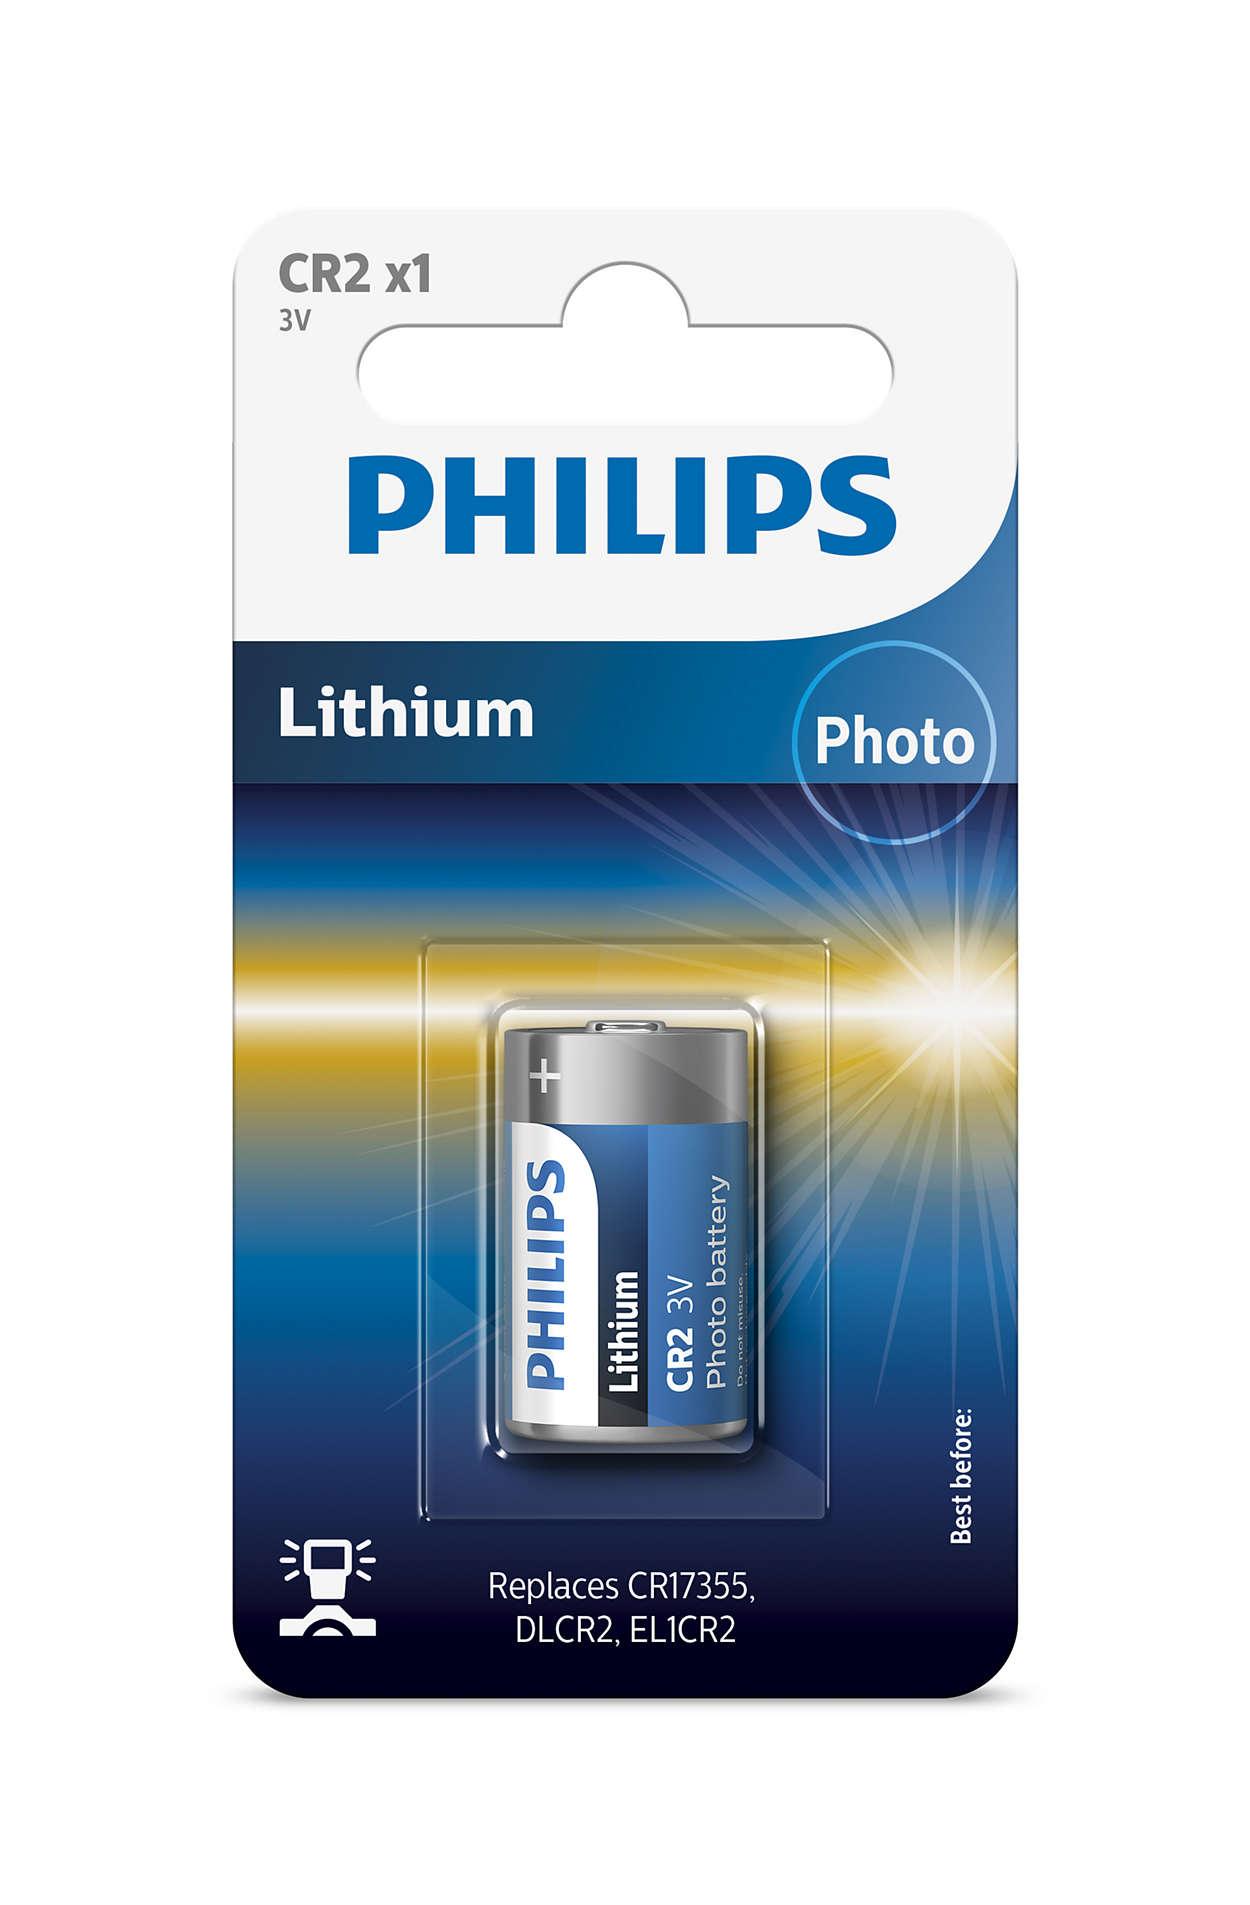 Najkvalitetnija tehnologija litijskih baterija za vaš fotoaparat